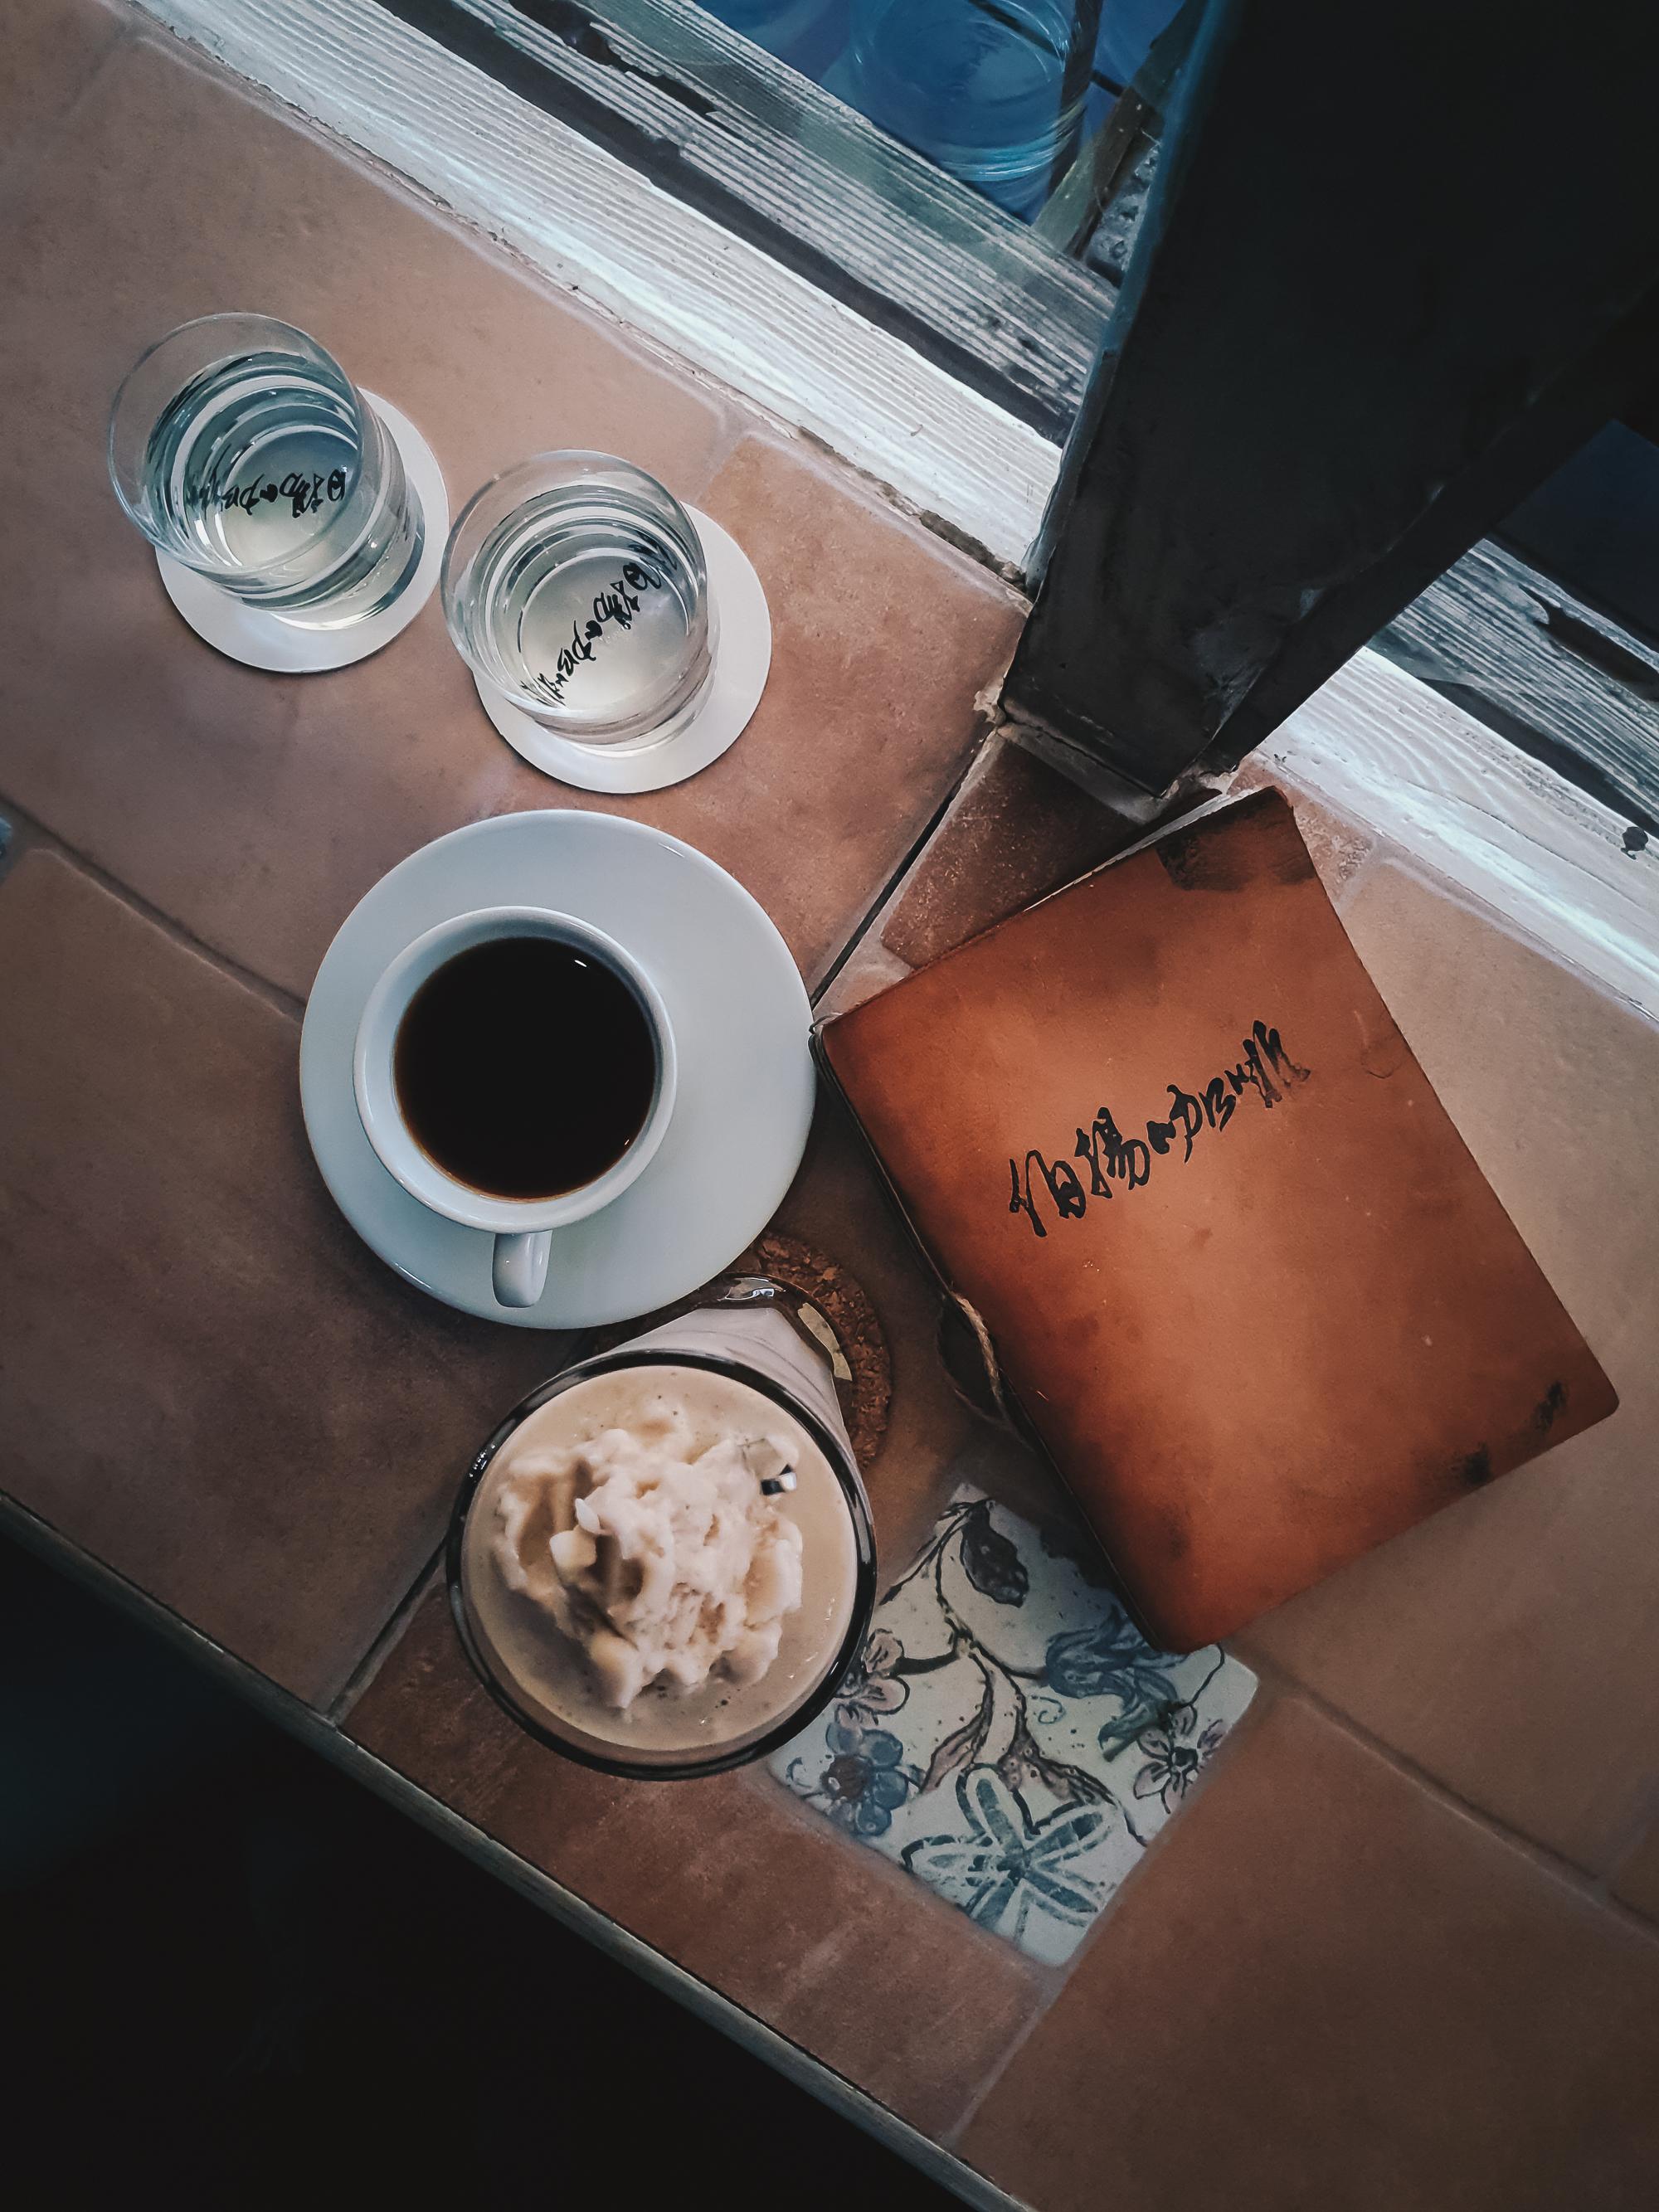 伯揚咖啡/中美店 - 花蓮市中美路106號